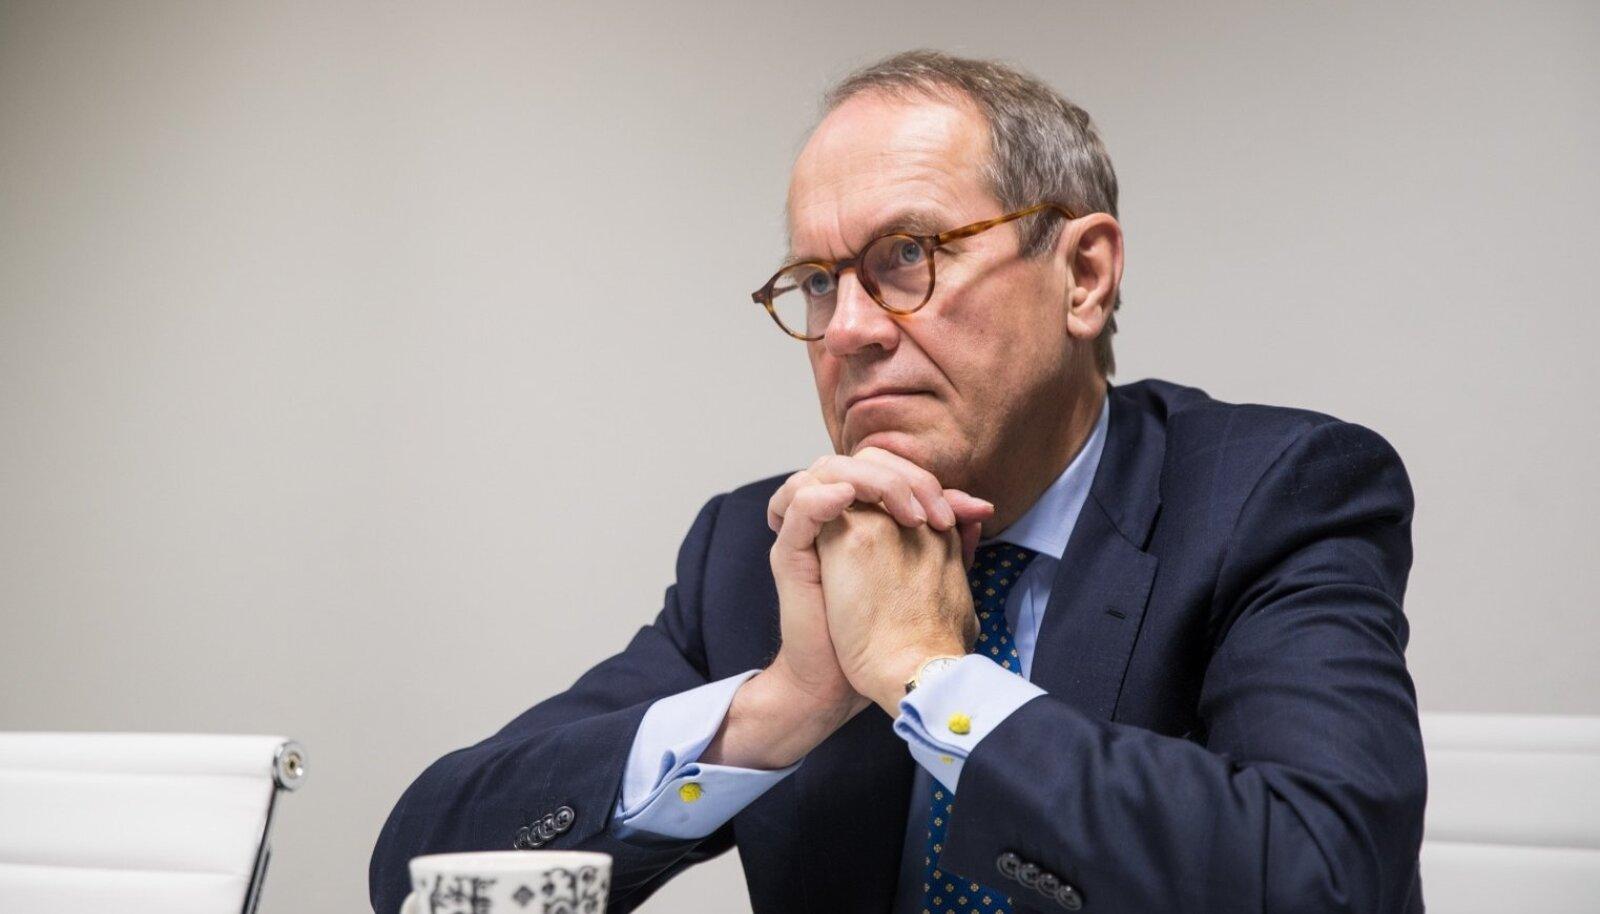 Jorma Ollila sõnul peab Eesti leidma oma valdkonnad riigisisesel tasandil ja ekspordis, et saaks eristuda ja eksporti suurendada.